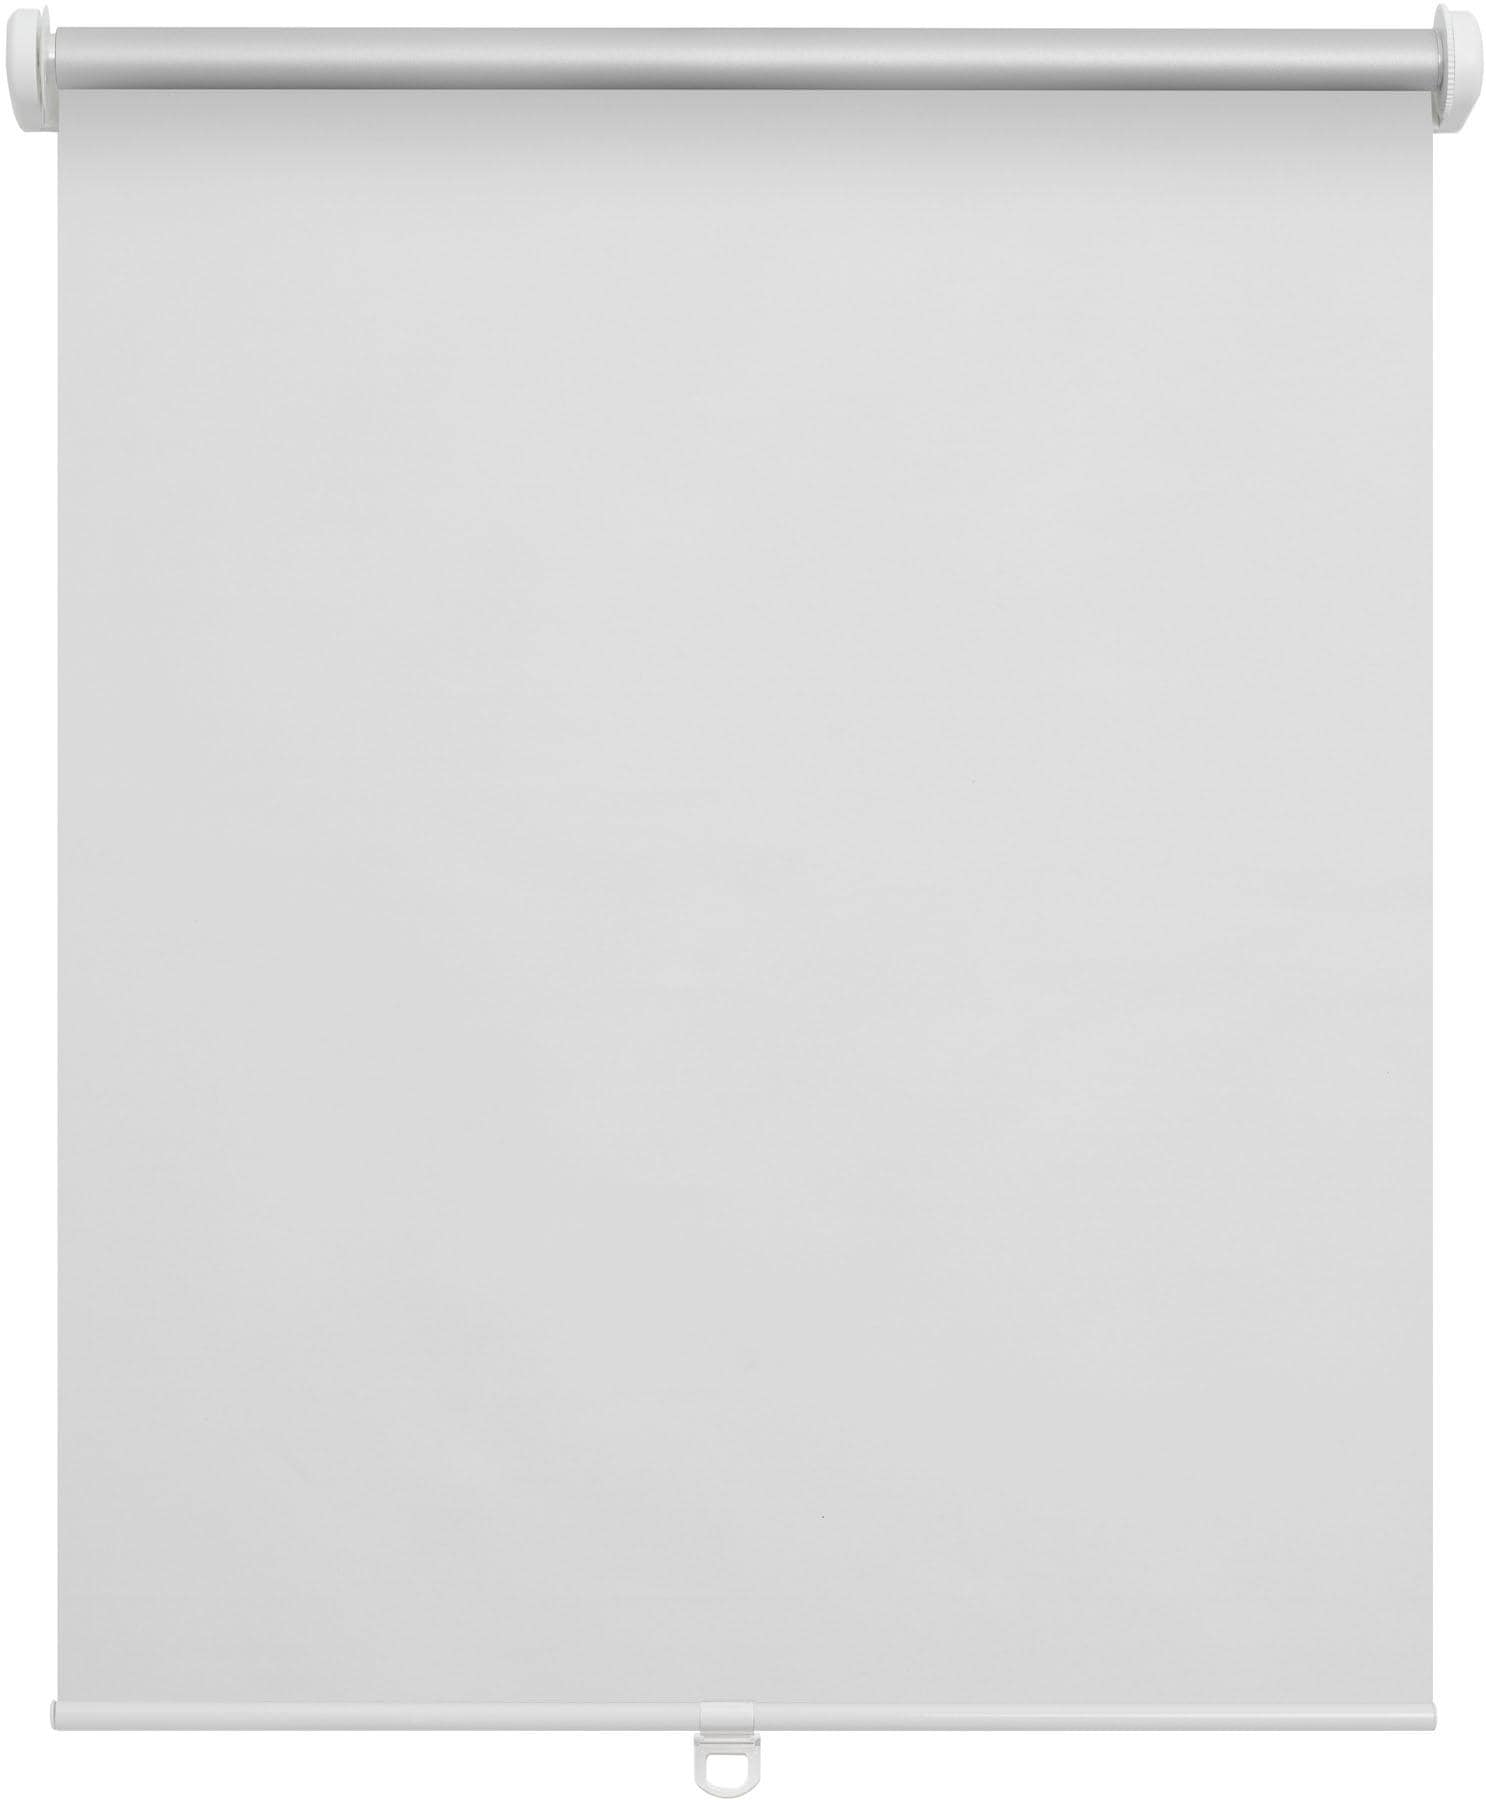 Springrollo Verdunkelungsrollo Klemmfix Mittelzug LICHTBLICK verdunkelnd ohne Bohren freihängend